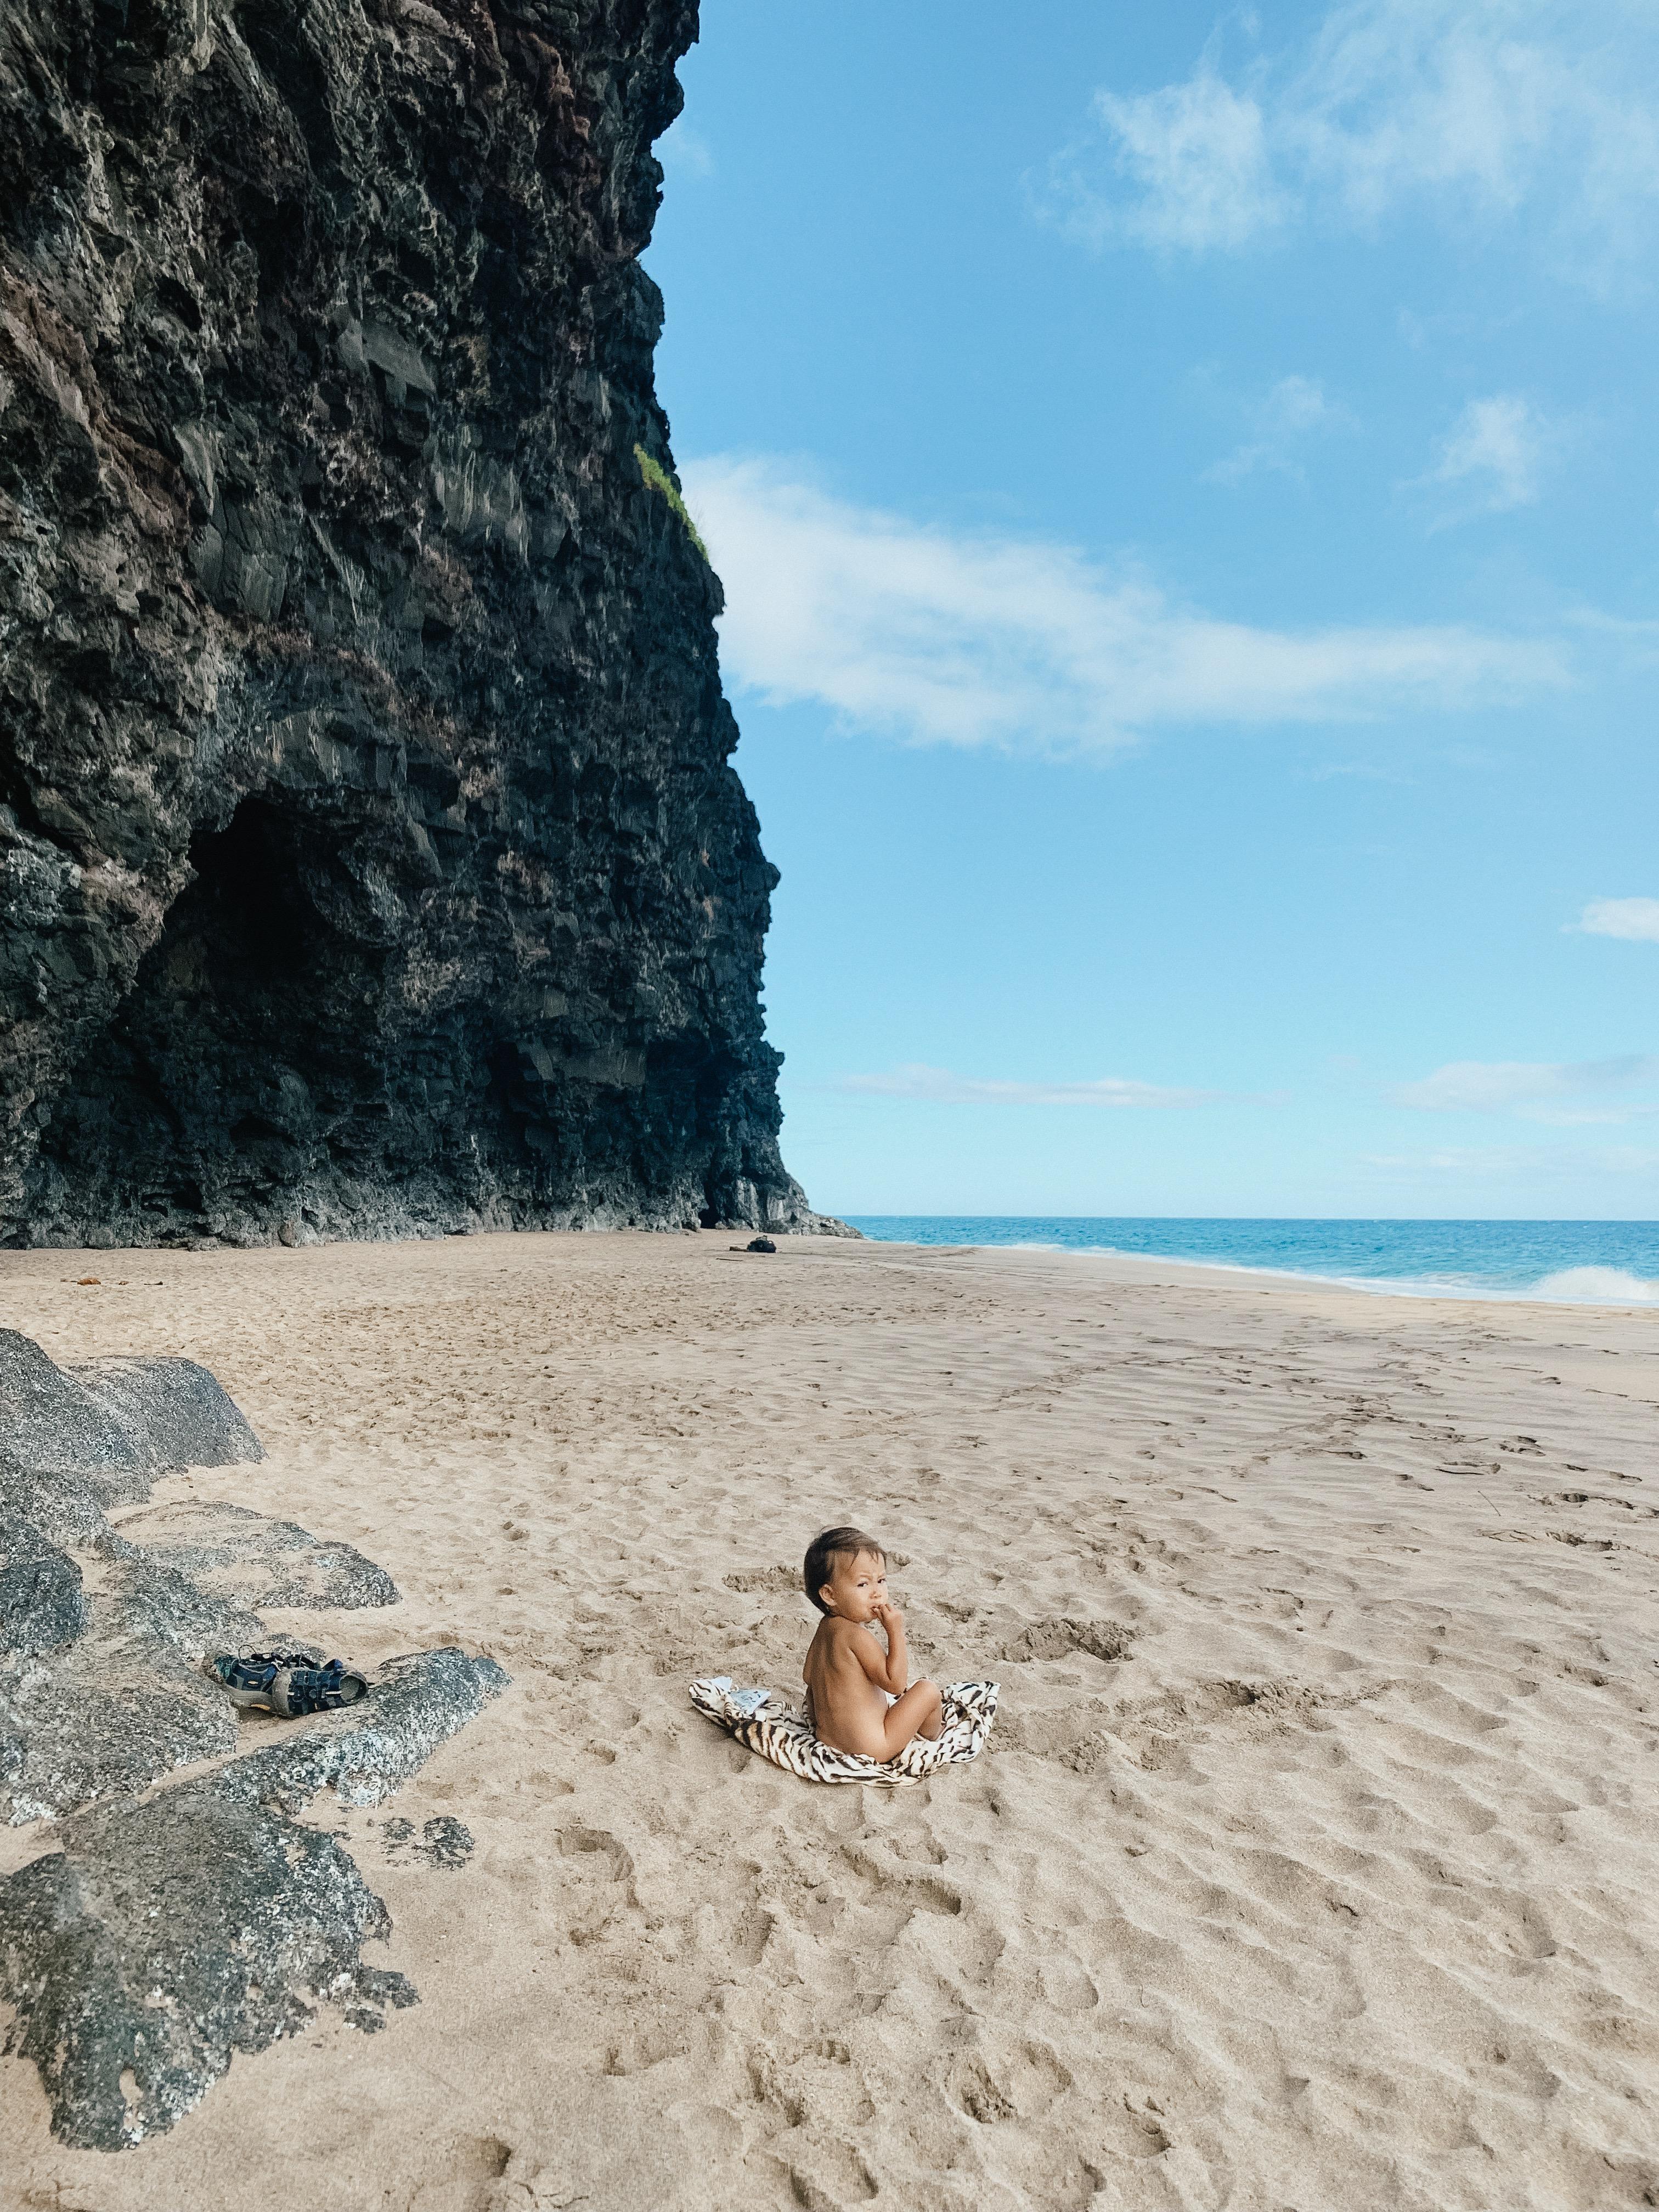 Kauai With Kids Hike To Hanakapiai Beach These Wild Days